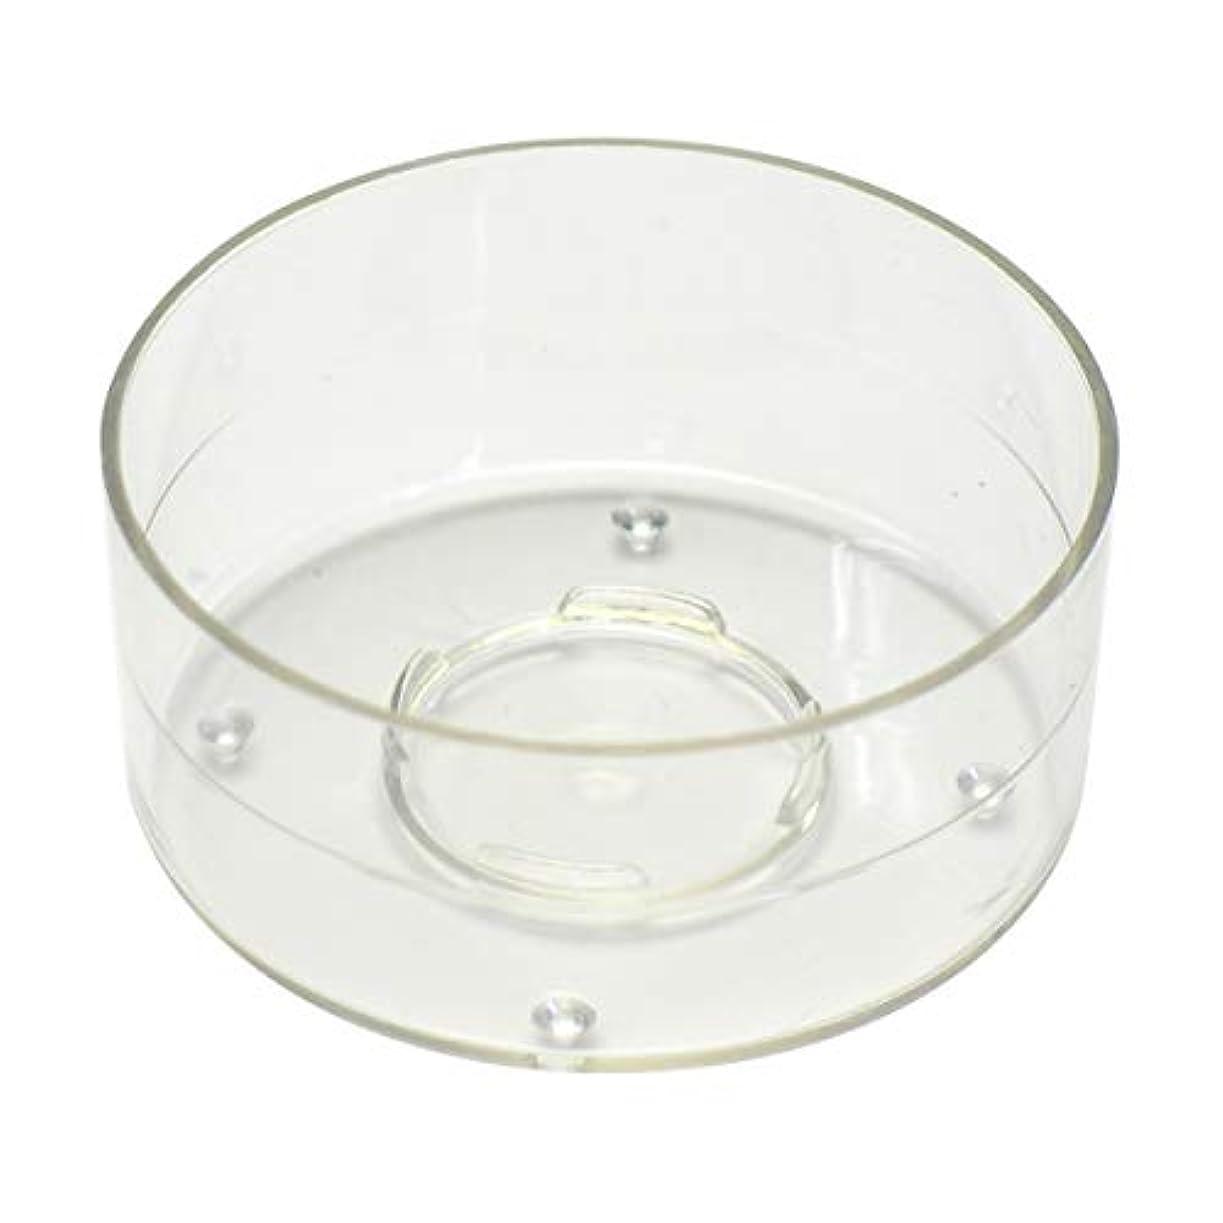 伝統キウイ清めるティーライトキャンドル用 クリアカップ 直径39mm×高さ18mm 20個入り×20袋 400個 材料 手作り